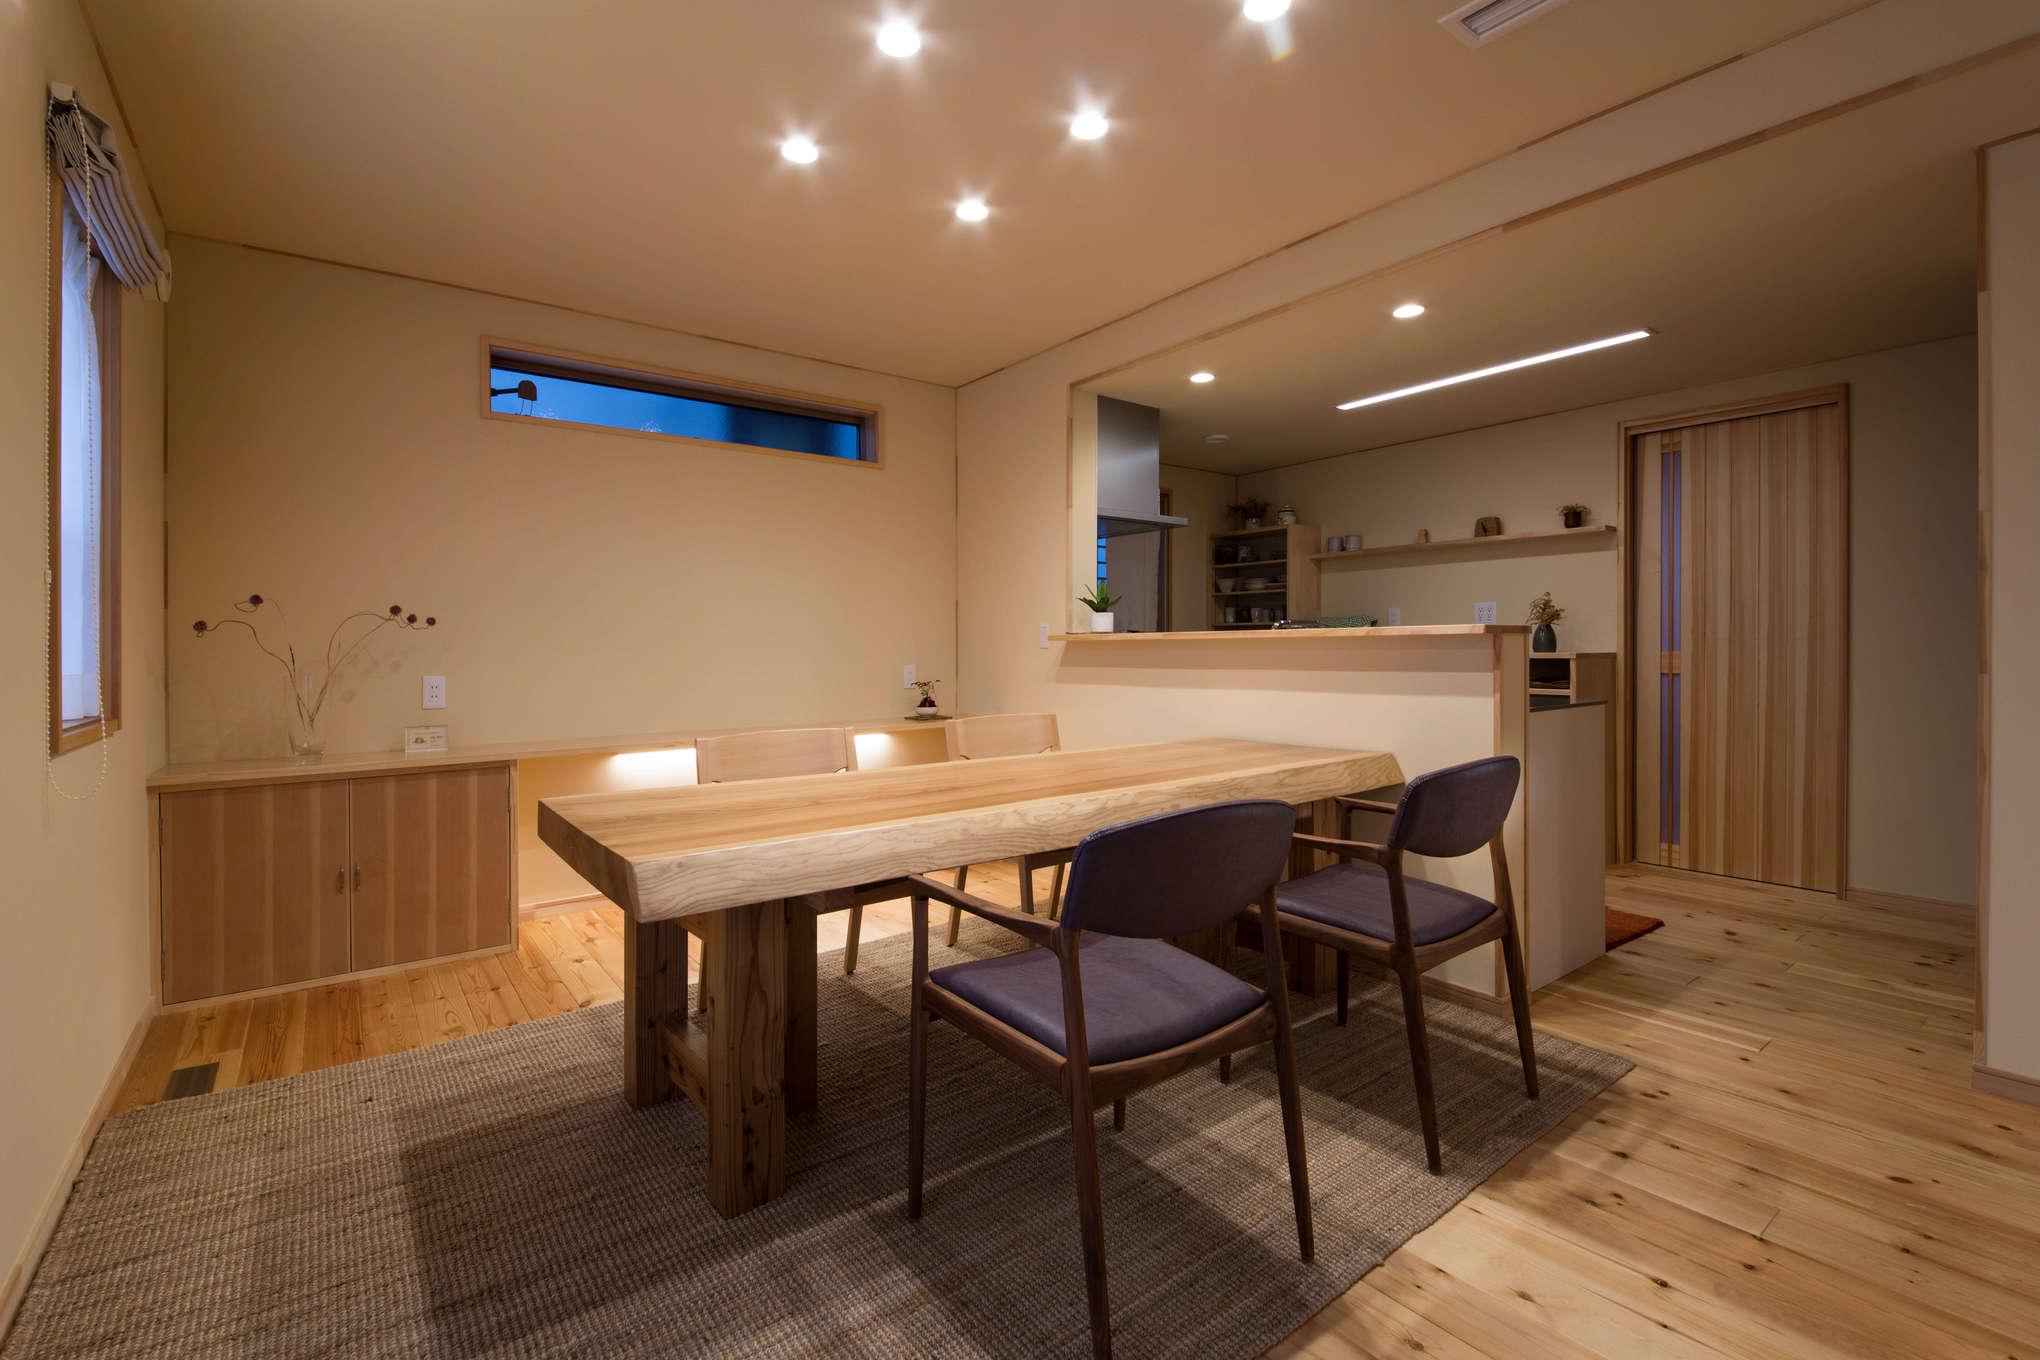 瀧口建設【1000万円台、デザイン住宅、子育て】杉一枚板を使ったダイニングテーブルは『瀧口建設』のオリジナル製作で、脚の高さを変えると座卓になる優れもの。「シュクレ浜松」で購入した無垢材の椅子も座り心地がよく、ここでワインを飲むのが夫妻の楽しみだ。カウンターやキッチン収納まで大工が造作した